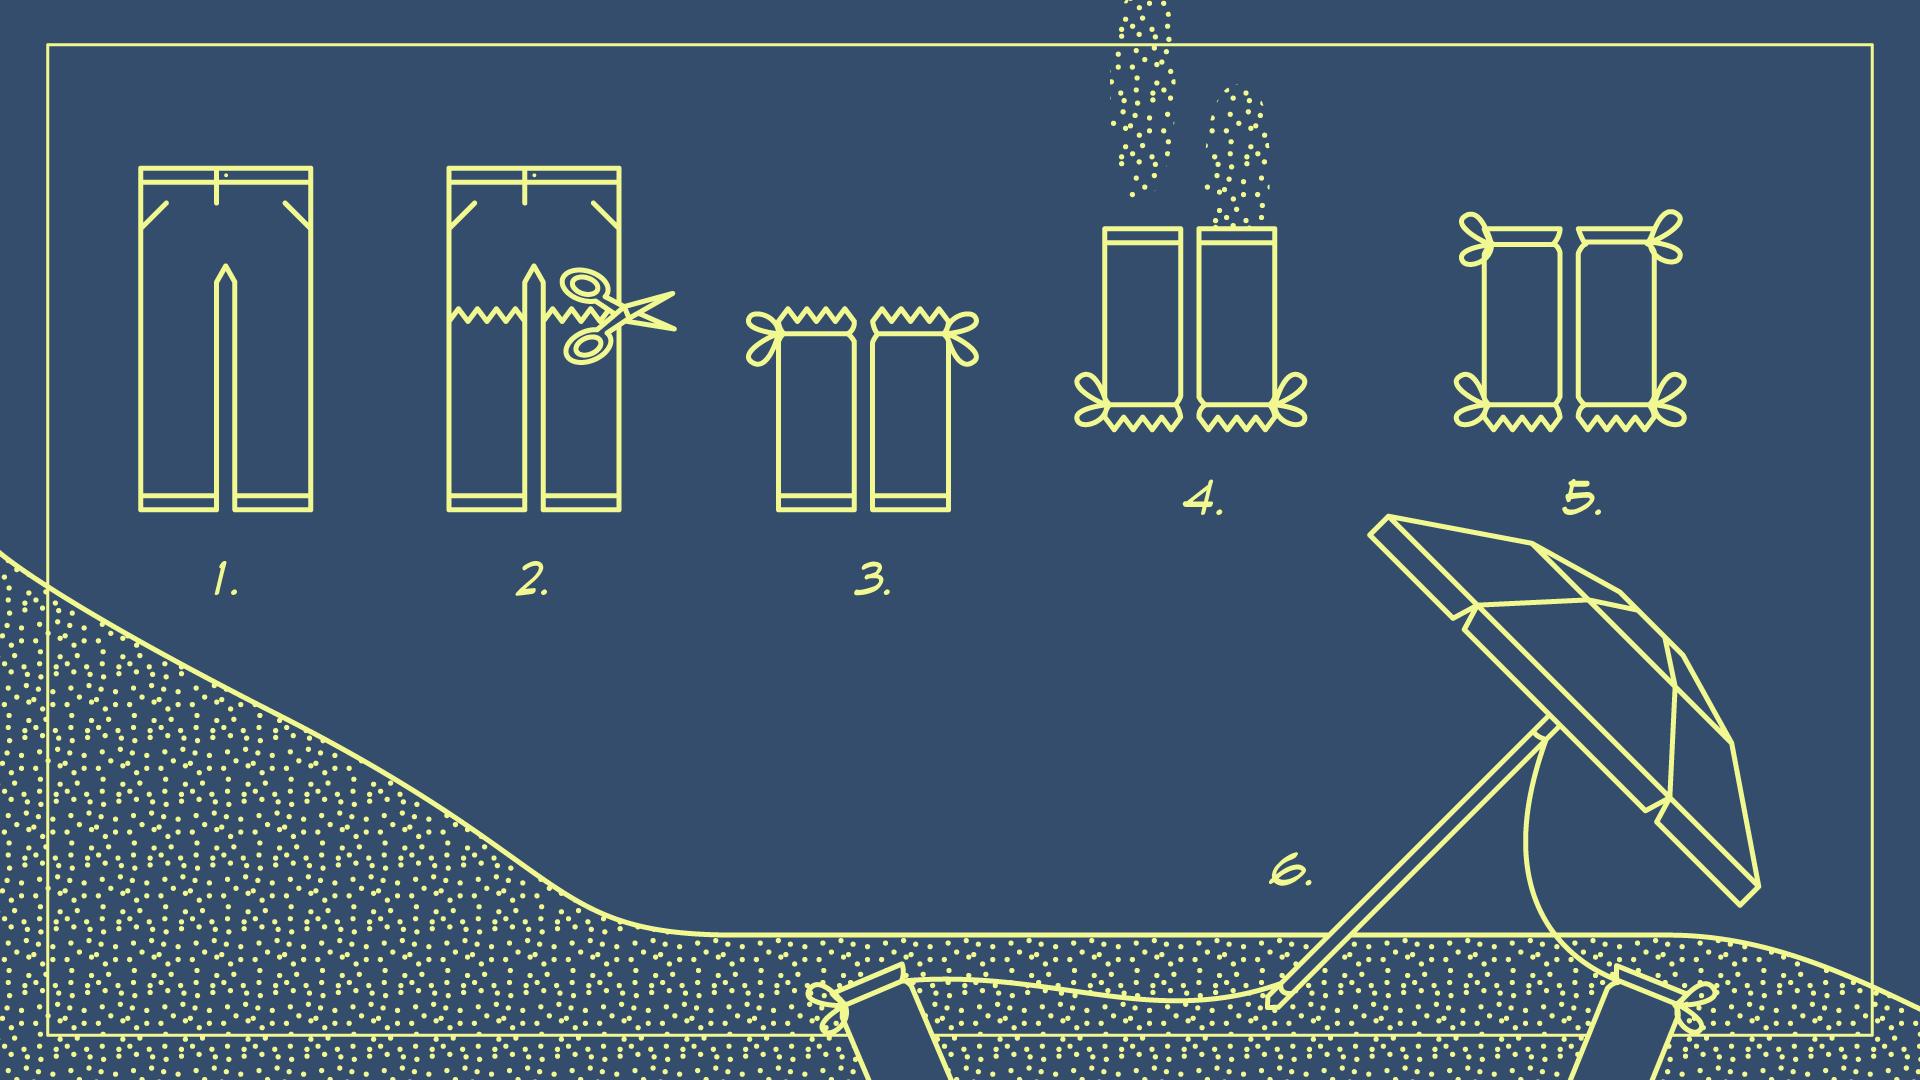 Louisvuittonm Beach Umbrellas Logic Grid Answers